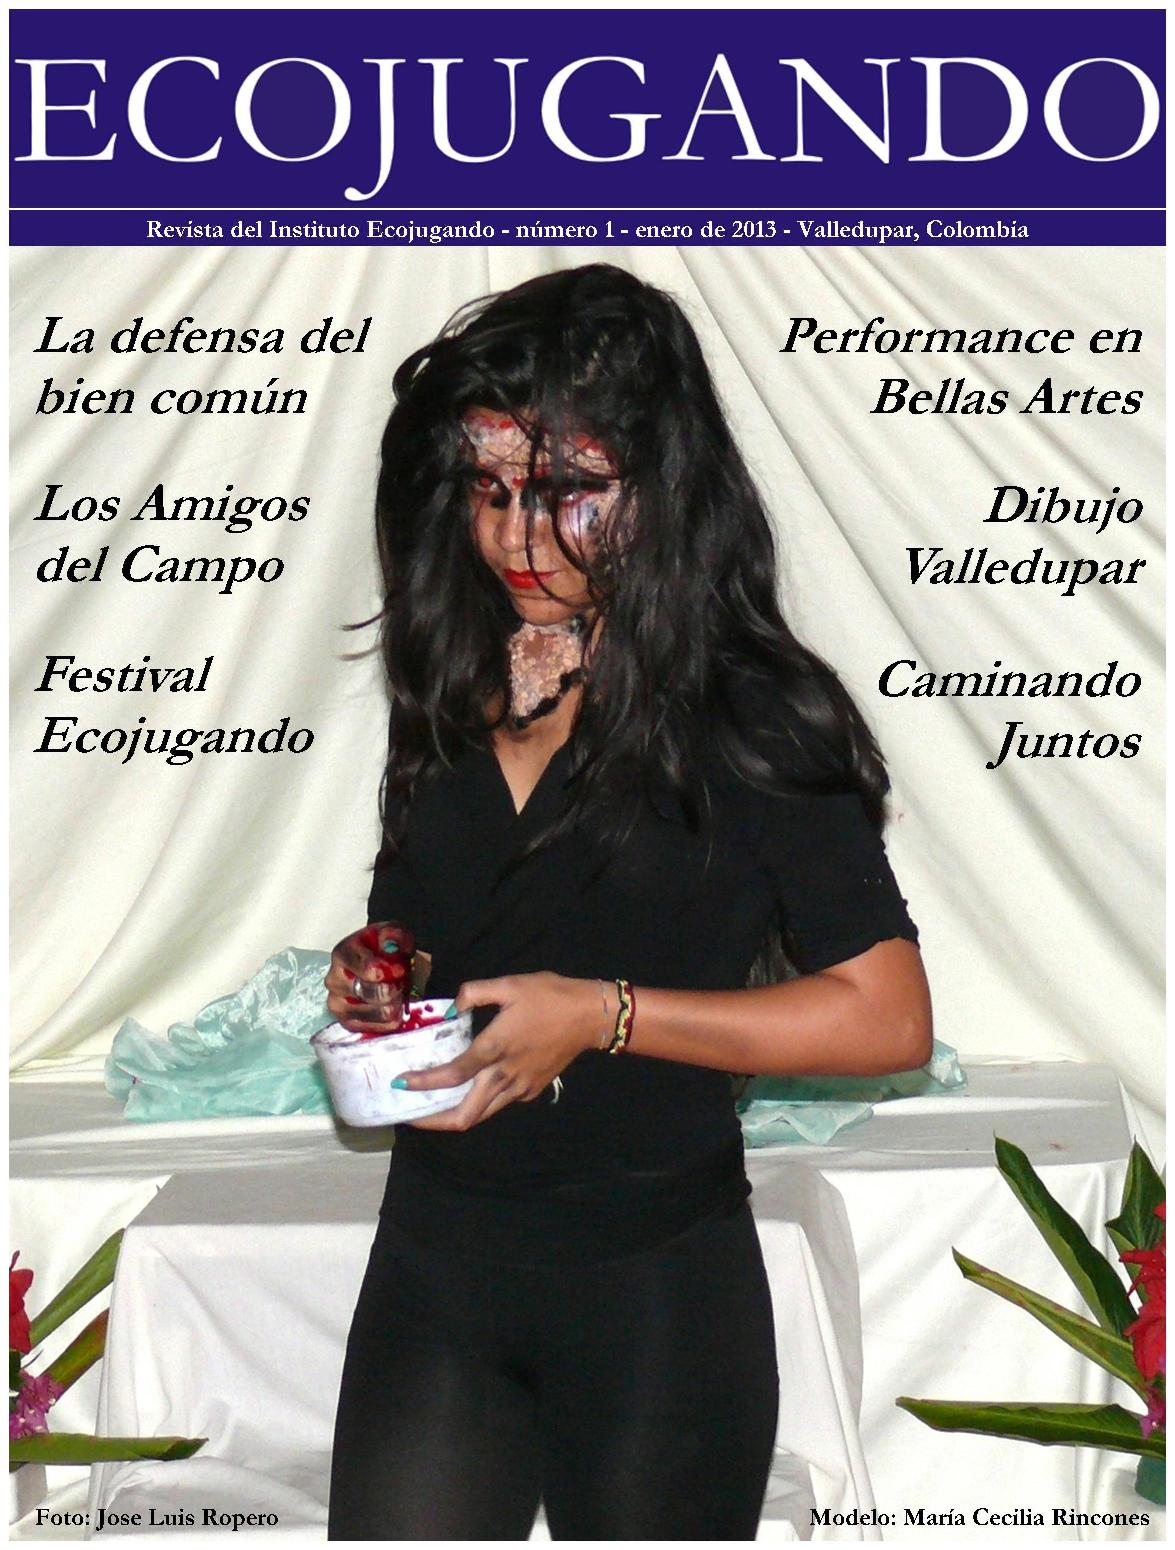 Clic aqu{i para descargar la Revista Ecojugando